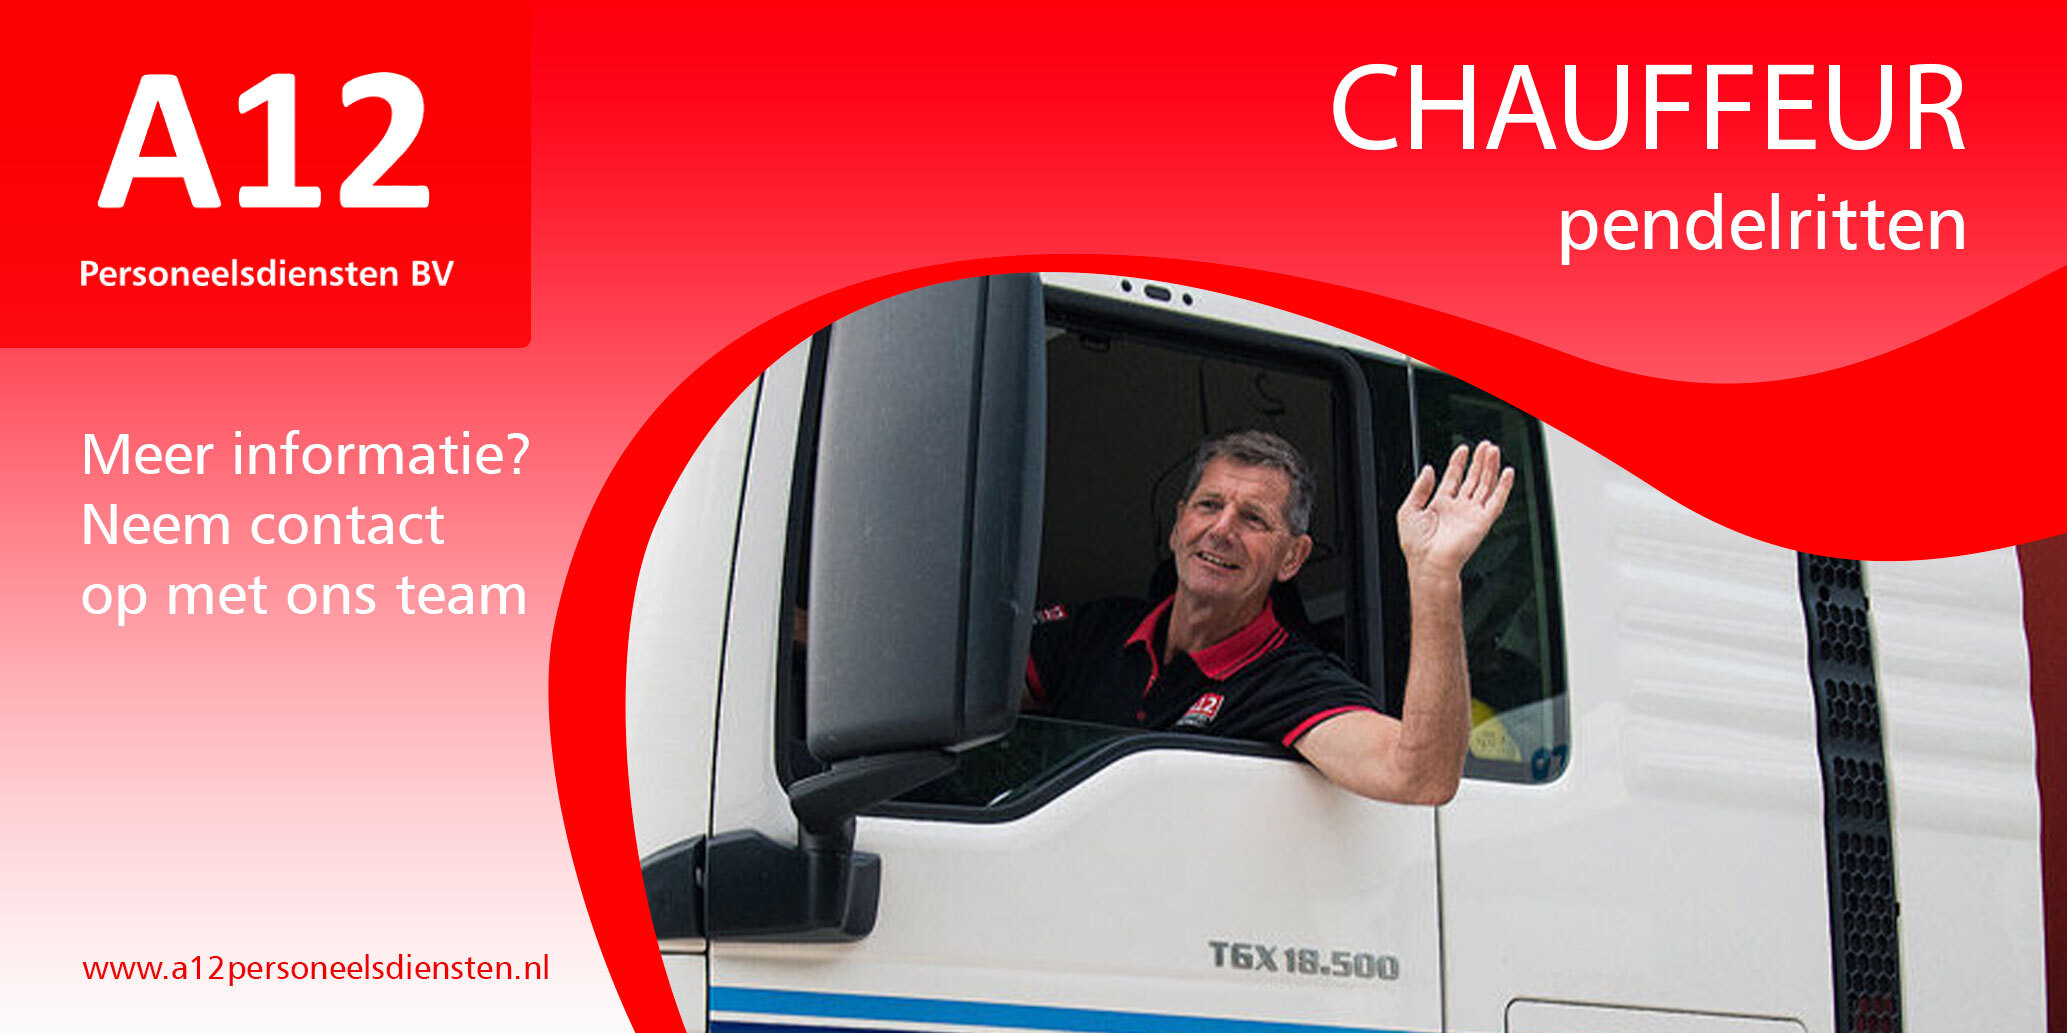 Chauffeur pendelritten (vnl nationaal)